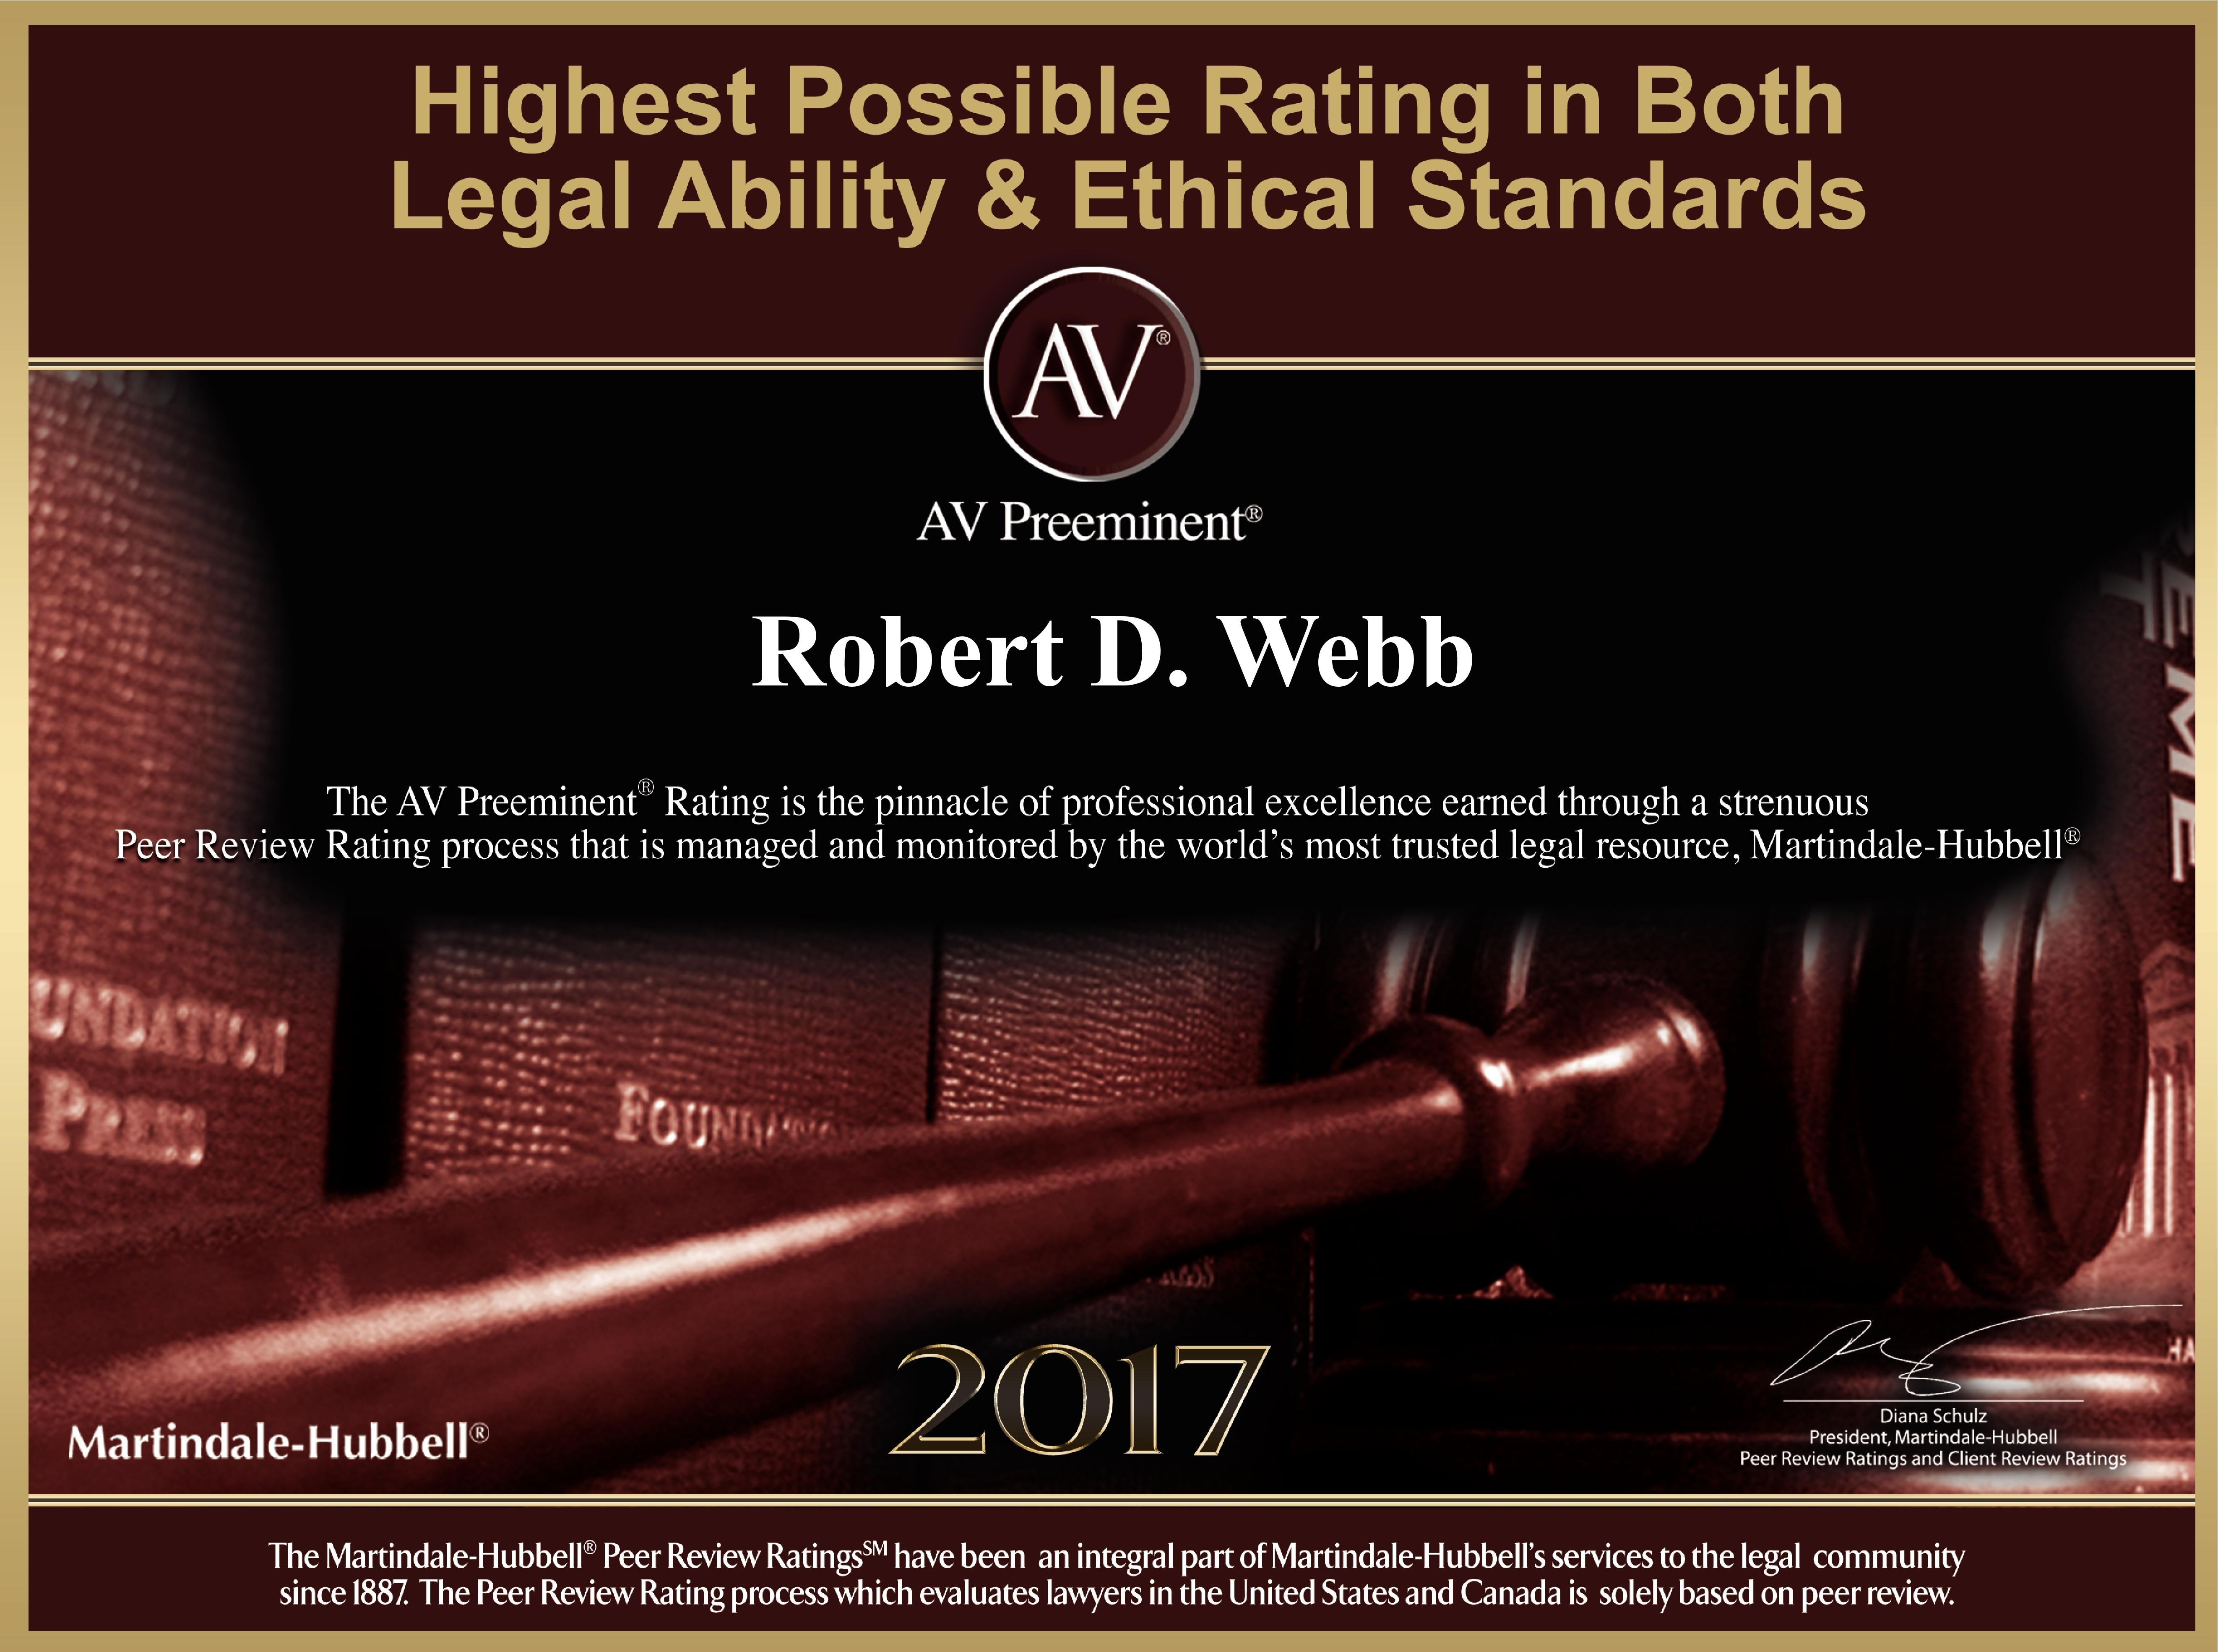 Robert D. Webb, AV Preeminent